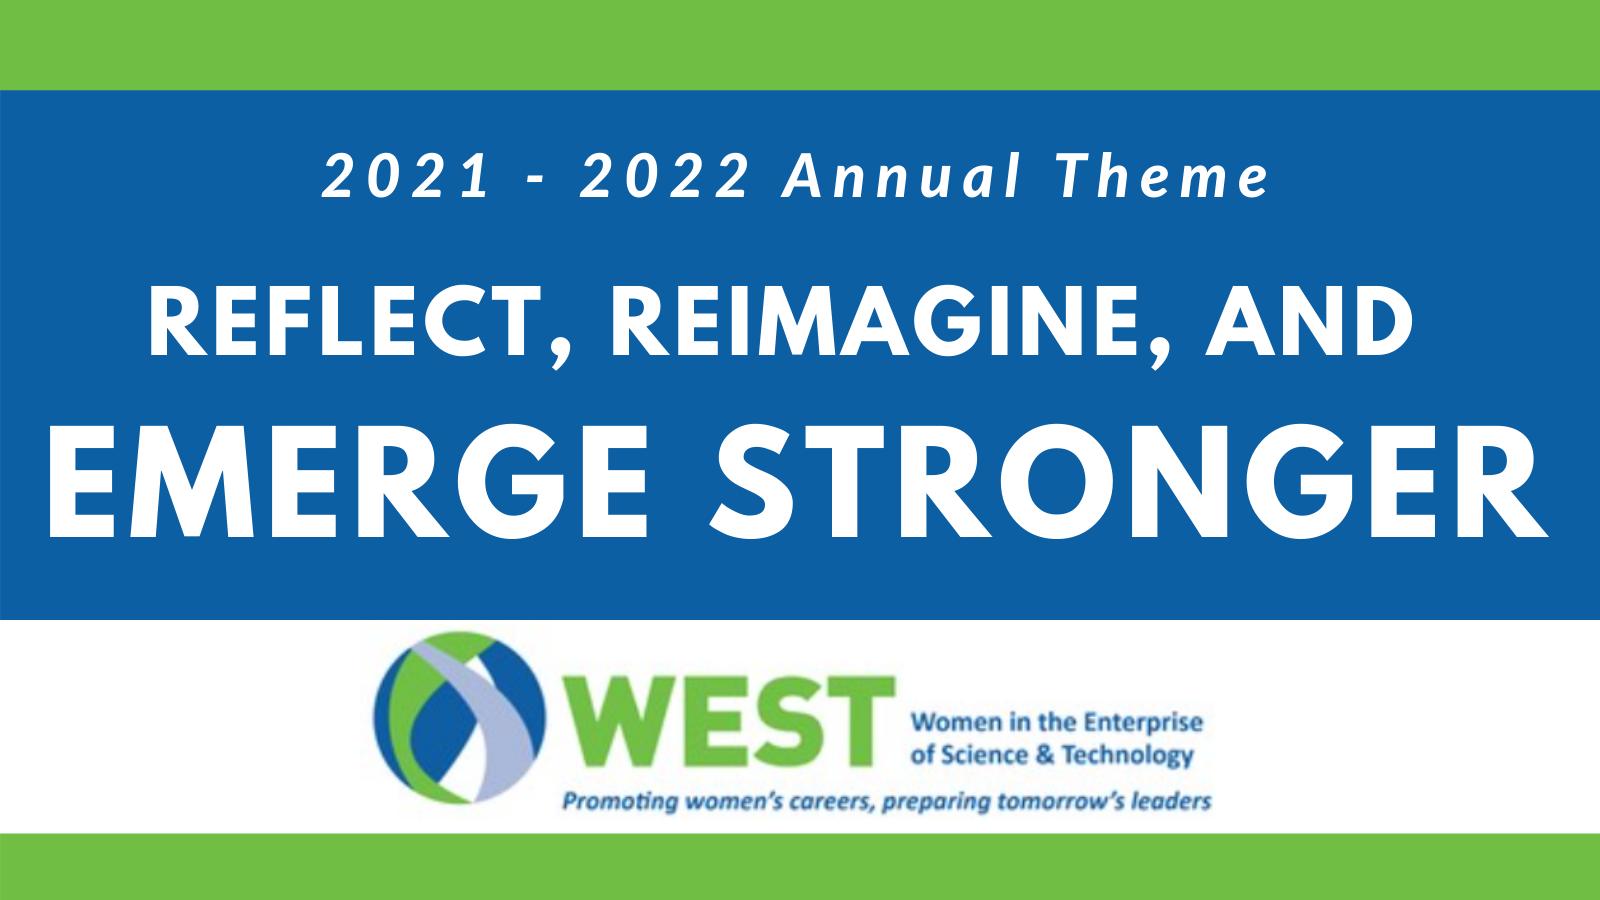 2021 - 2022 Annual Theme